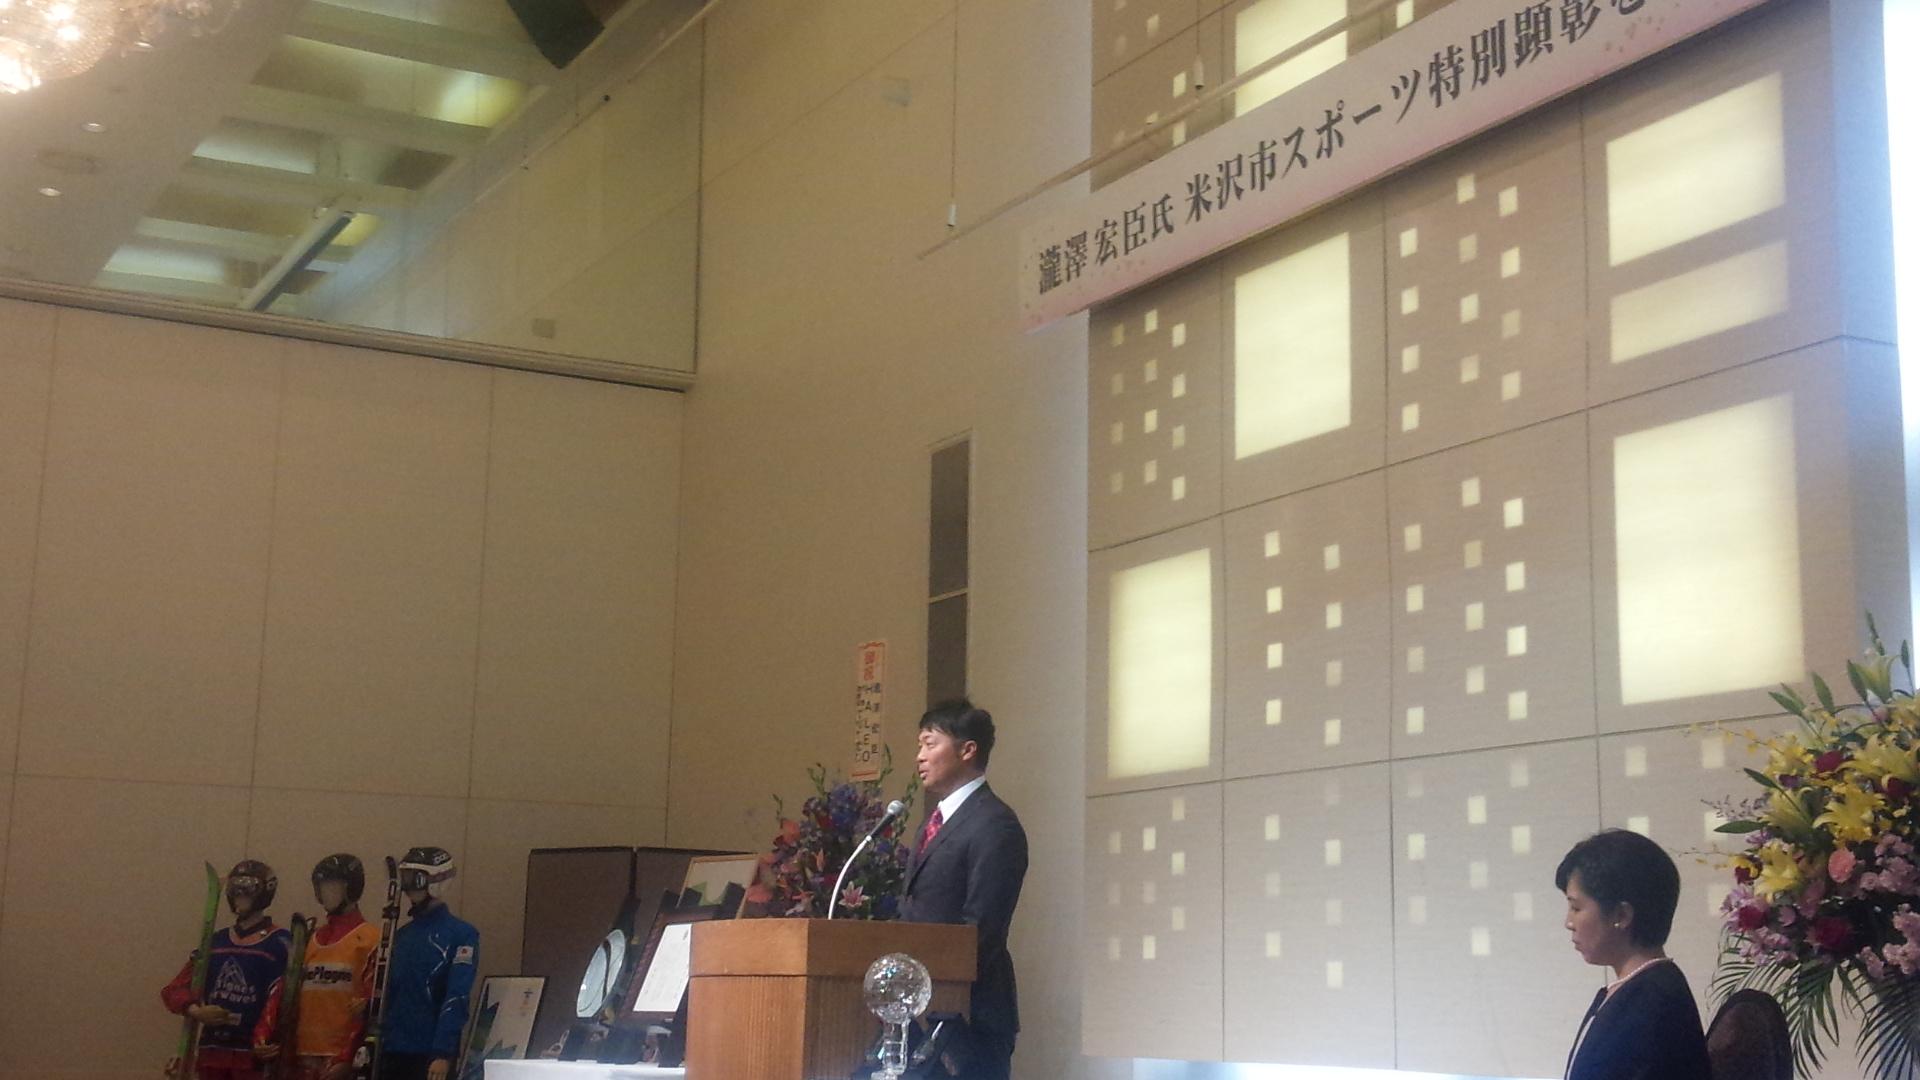 日本で4人だけの人物・滝沢宏臣が語る「後援会」_d0129296_22474023.jpg